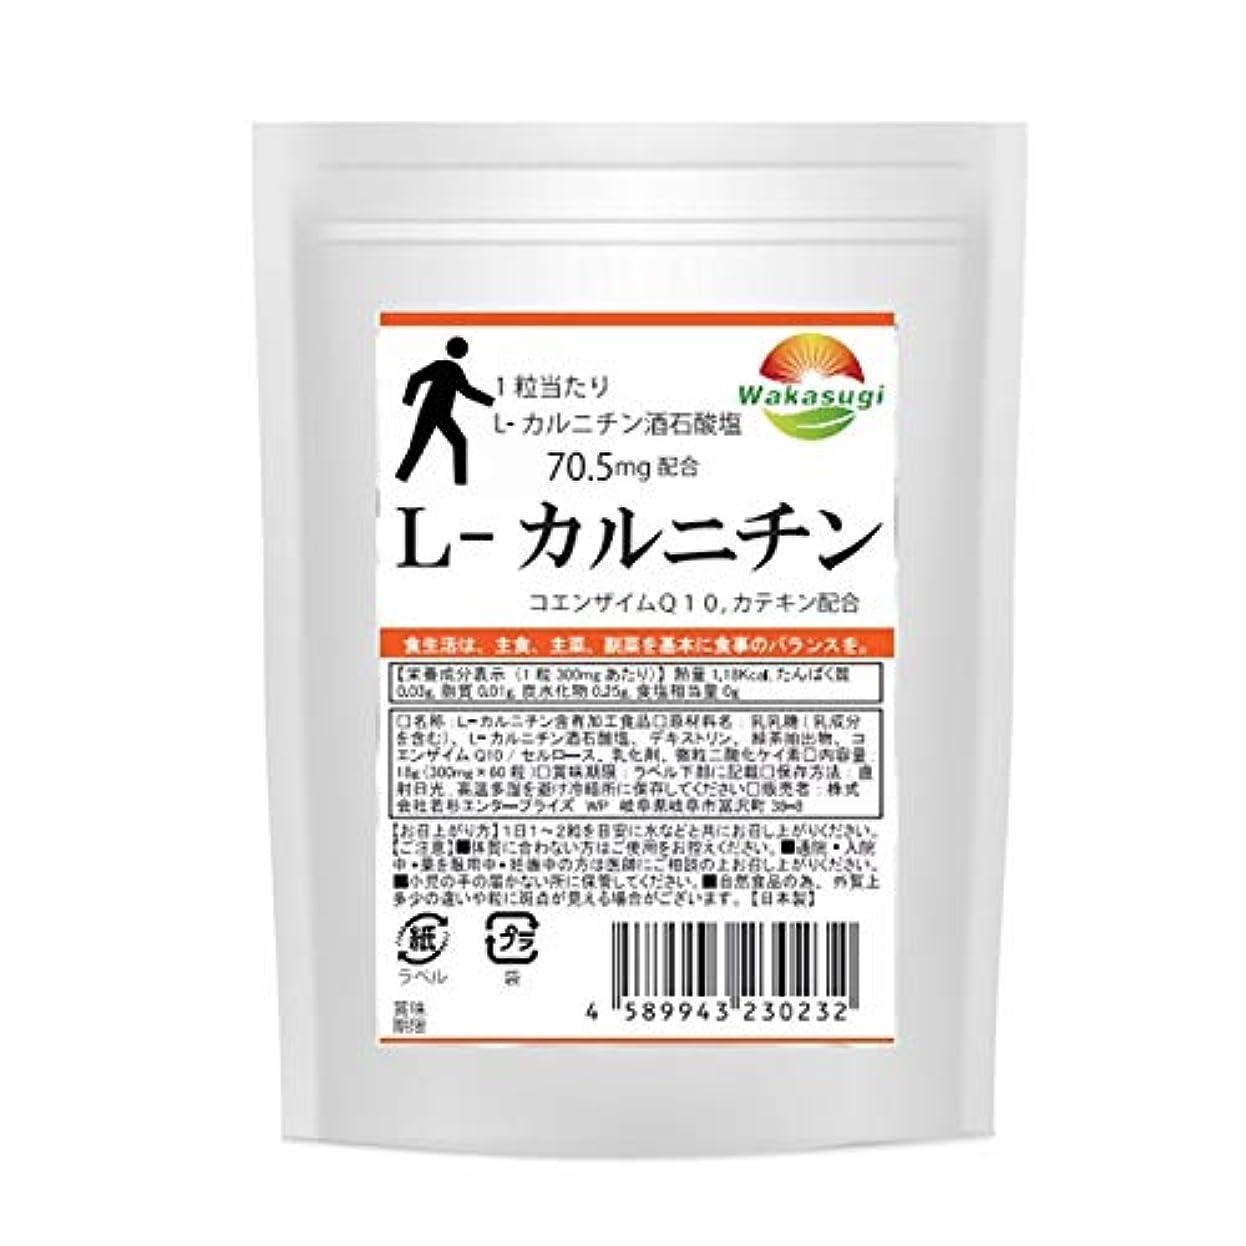 真似るクラックポットつぼみL-カルニチン 1袋 60粒